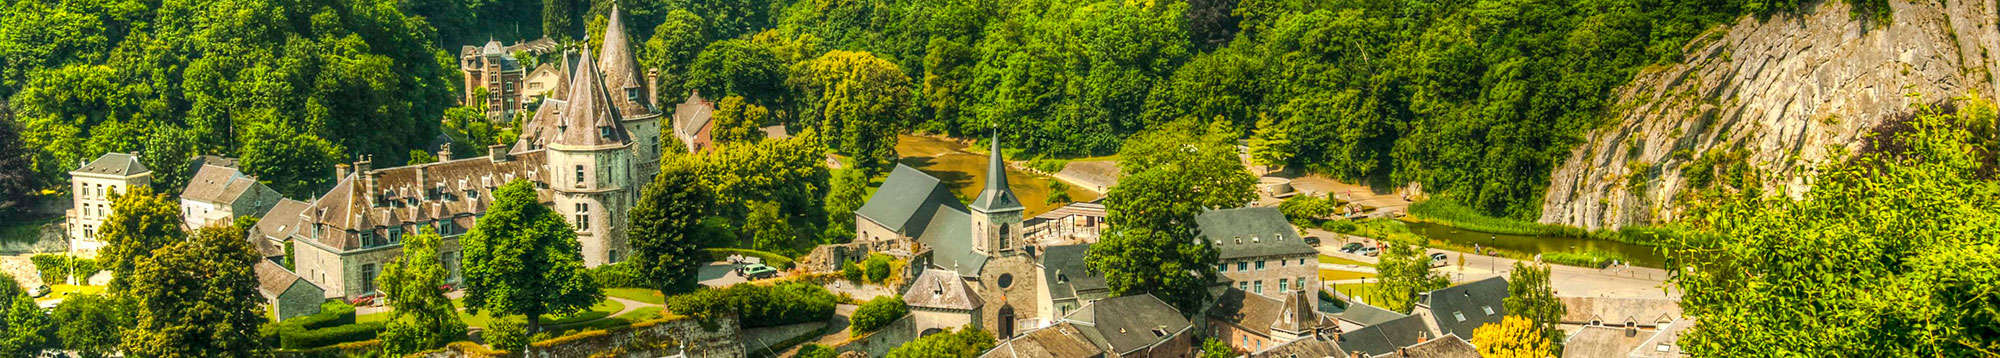 Week-end et séjour dans les Ardennes